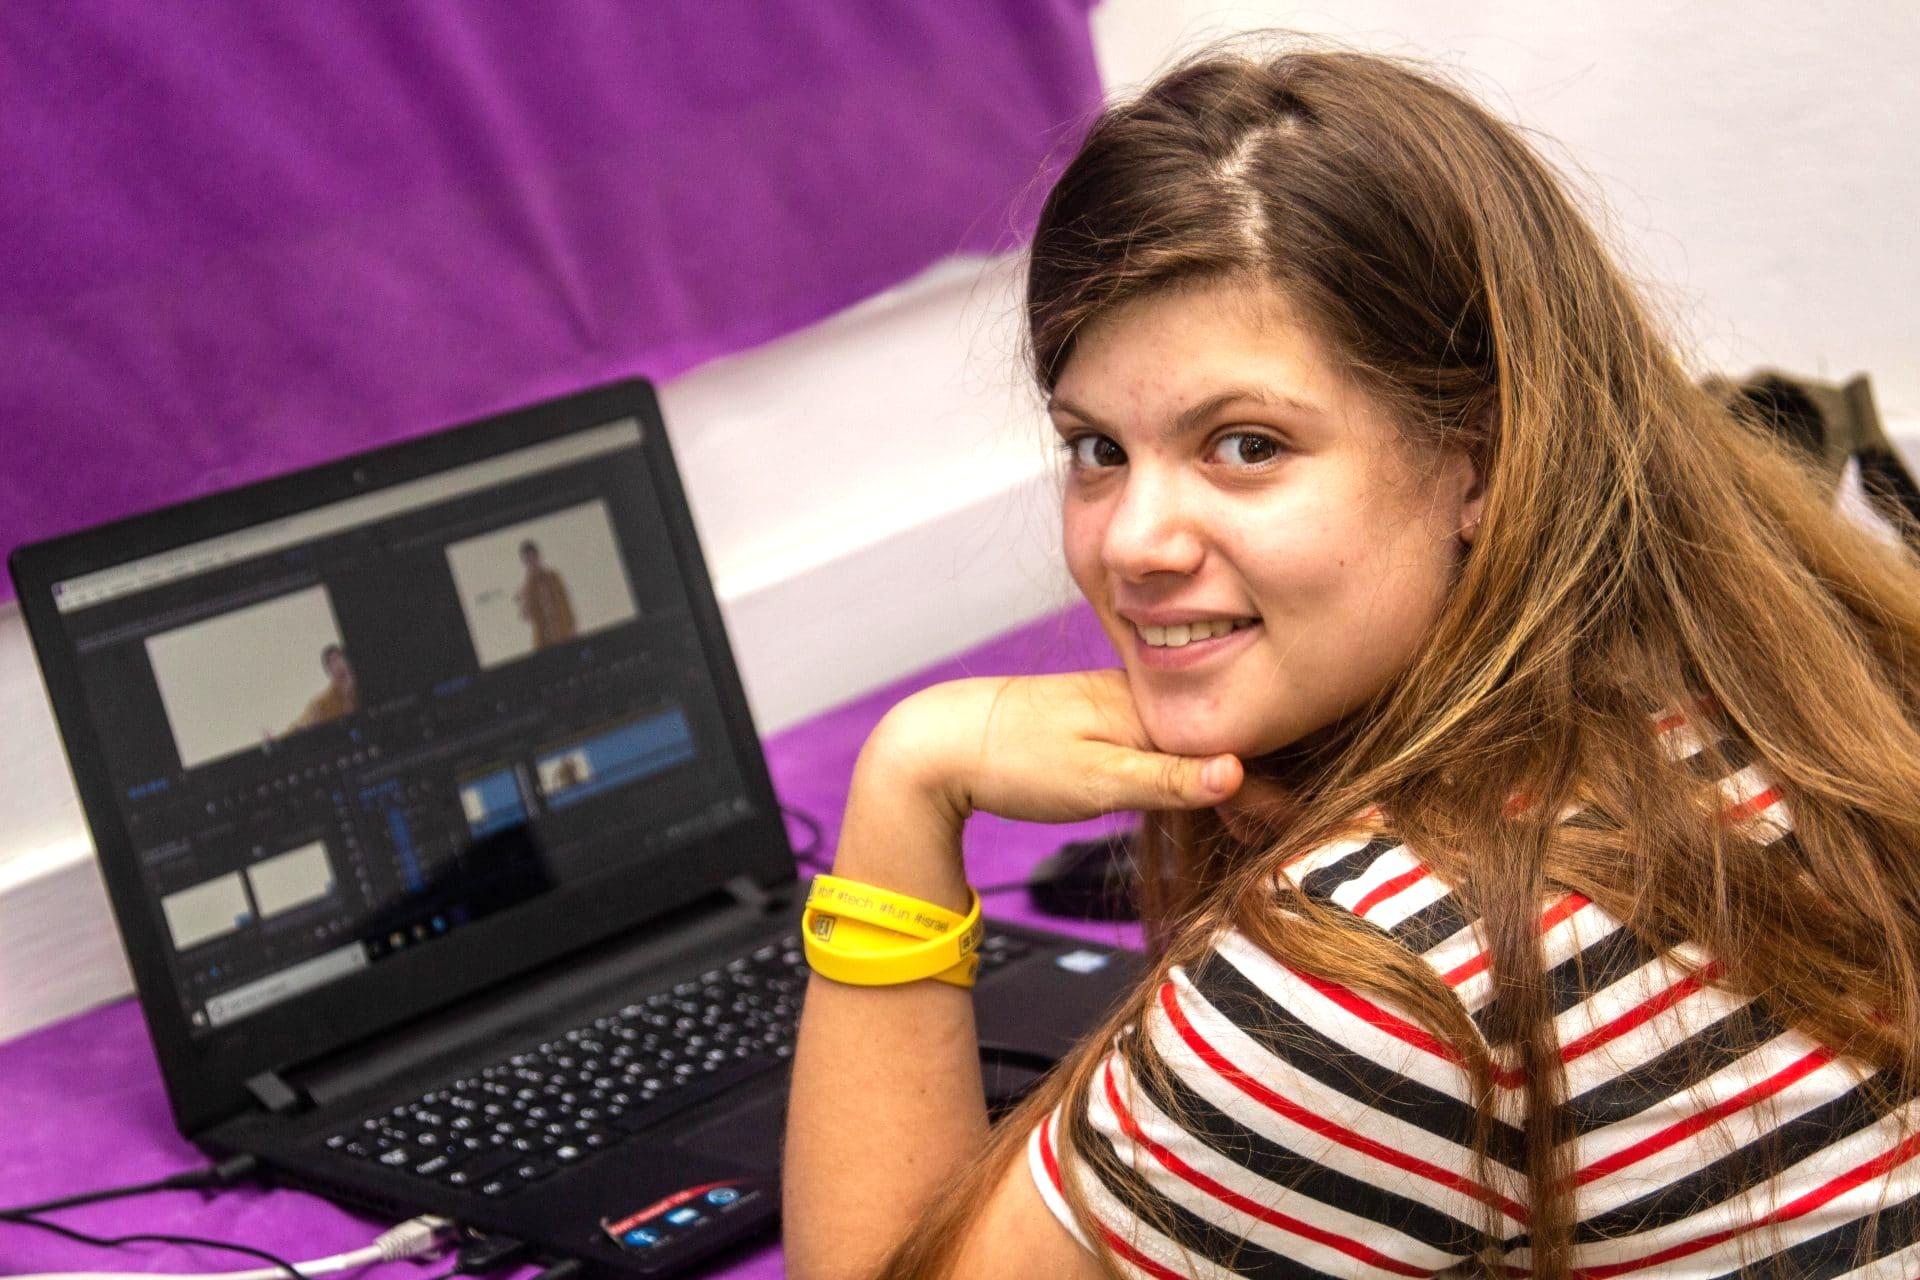 עריכת וידאו ליוטיוב לכיתות ג'-ה' בתאריכים 23.8-28.8